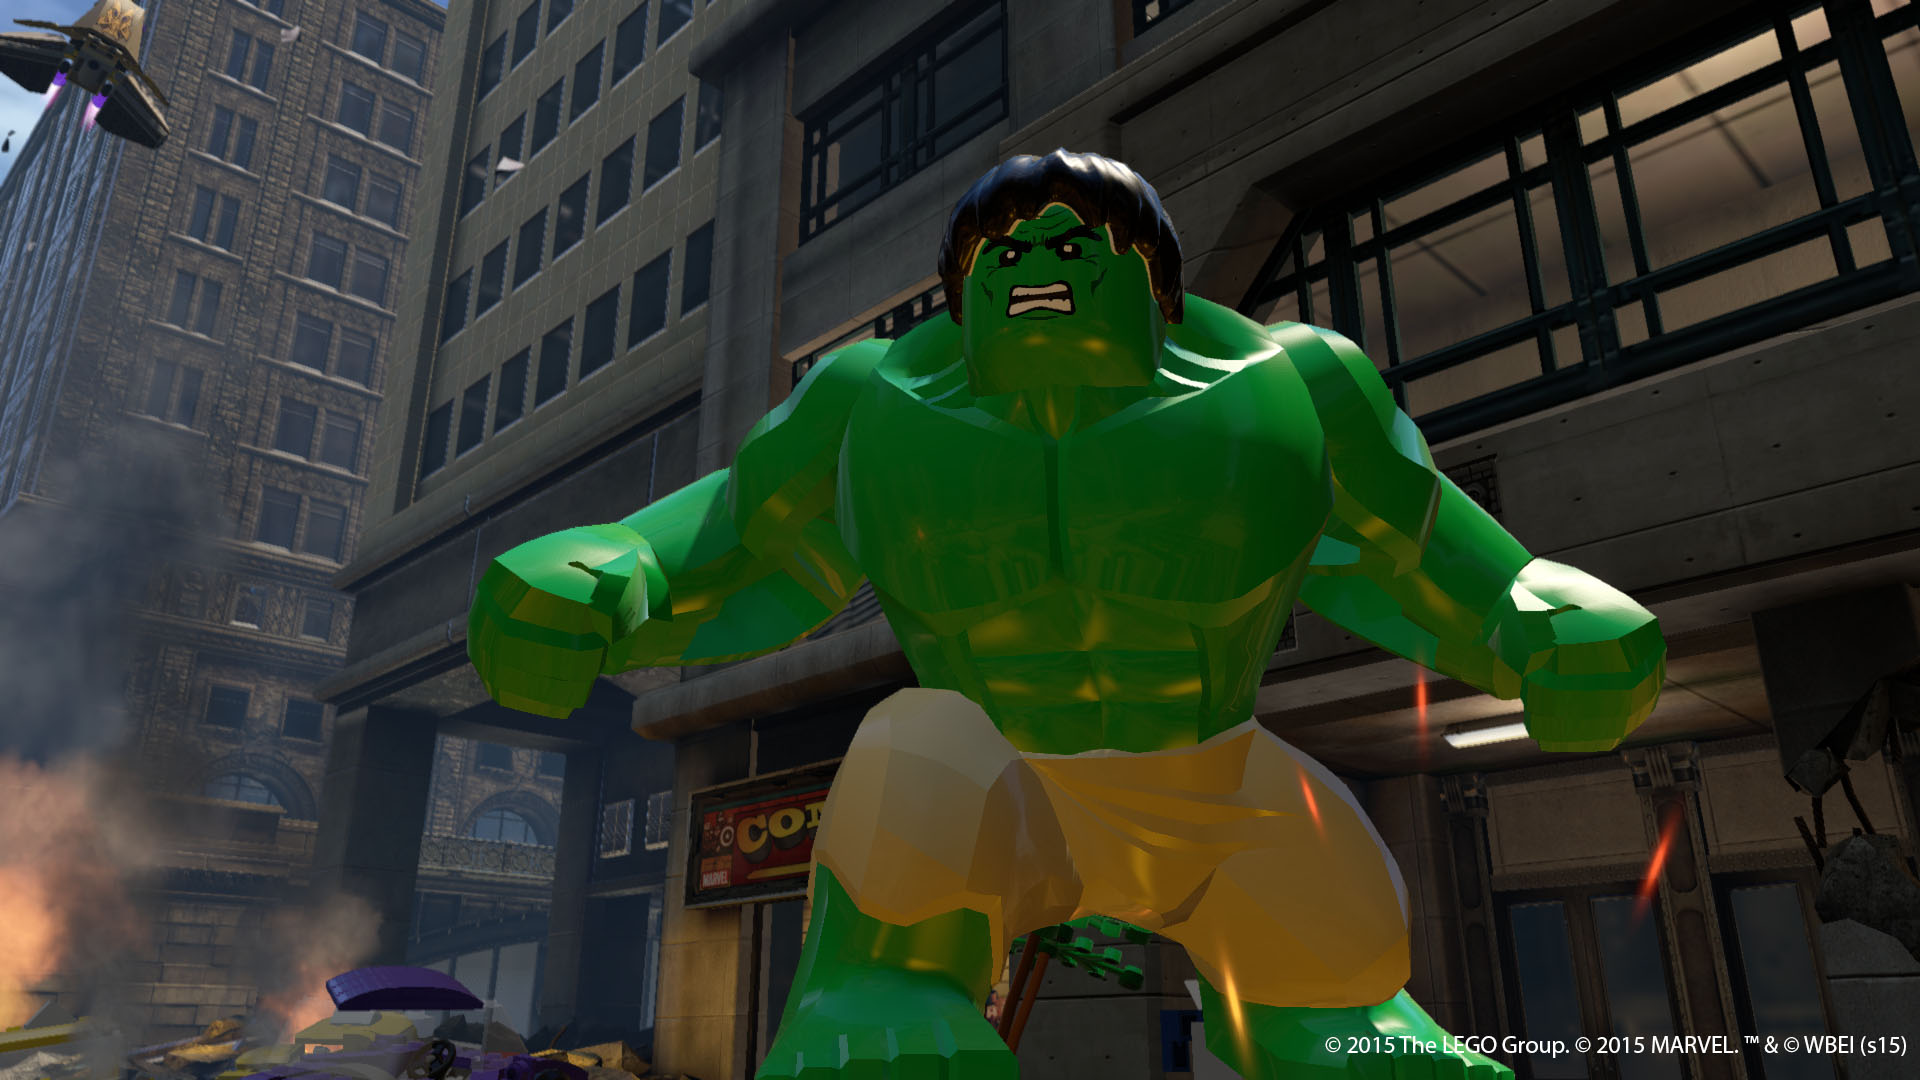 20150618155739_b5ae28d3.jpg - LEGO Marvel's Avengers